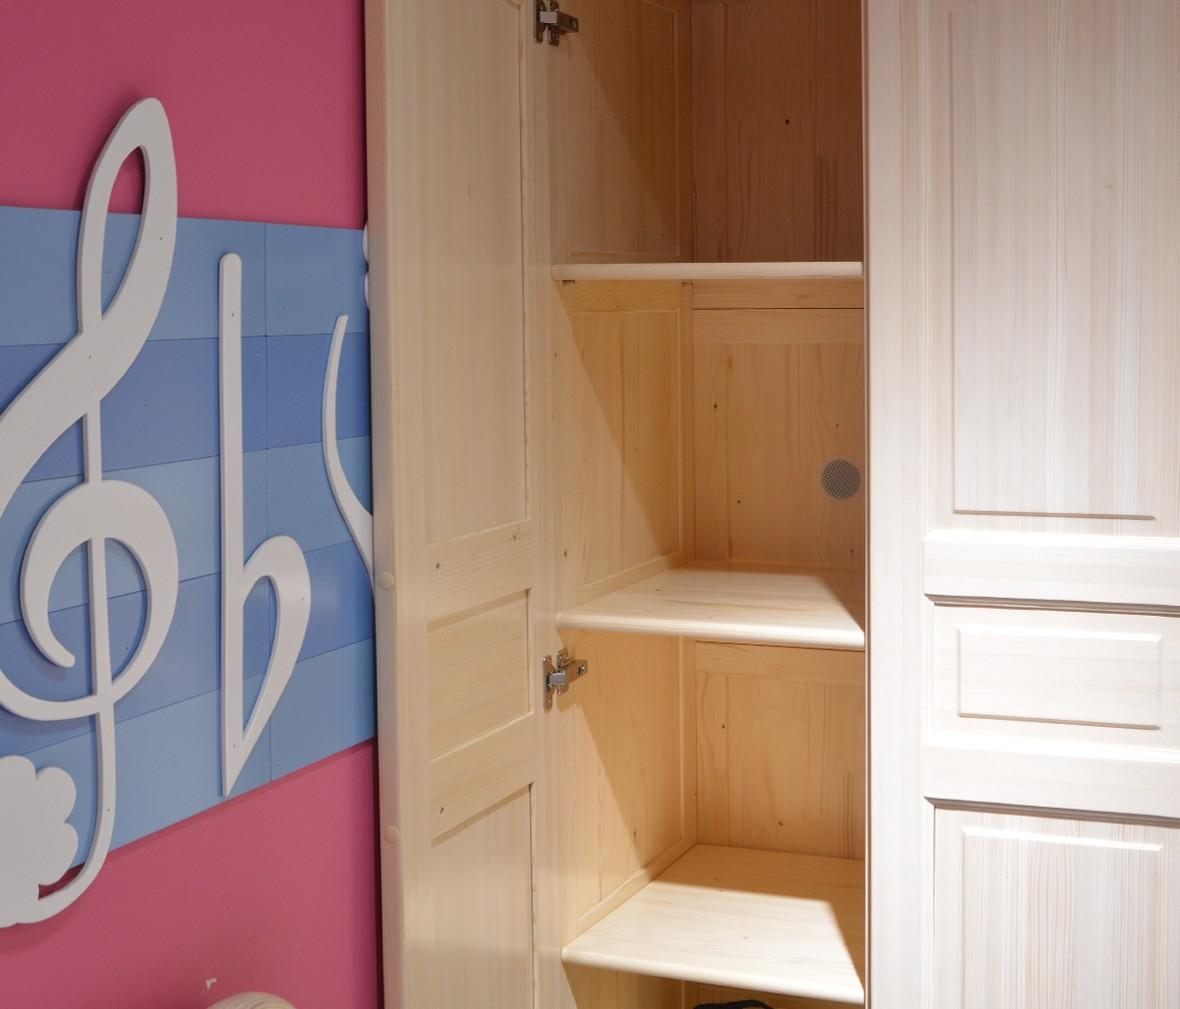 松堡王国 SP-A-G003型号三门衣柜 芬兰松木材质儿童家具 商品细节